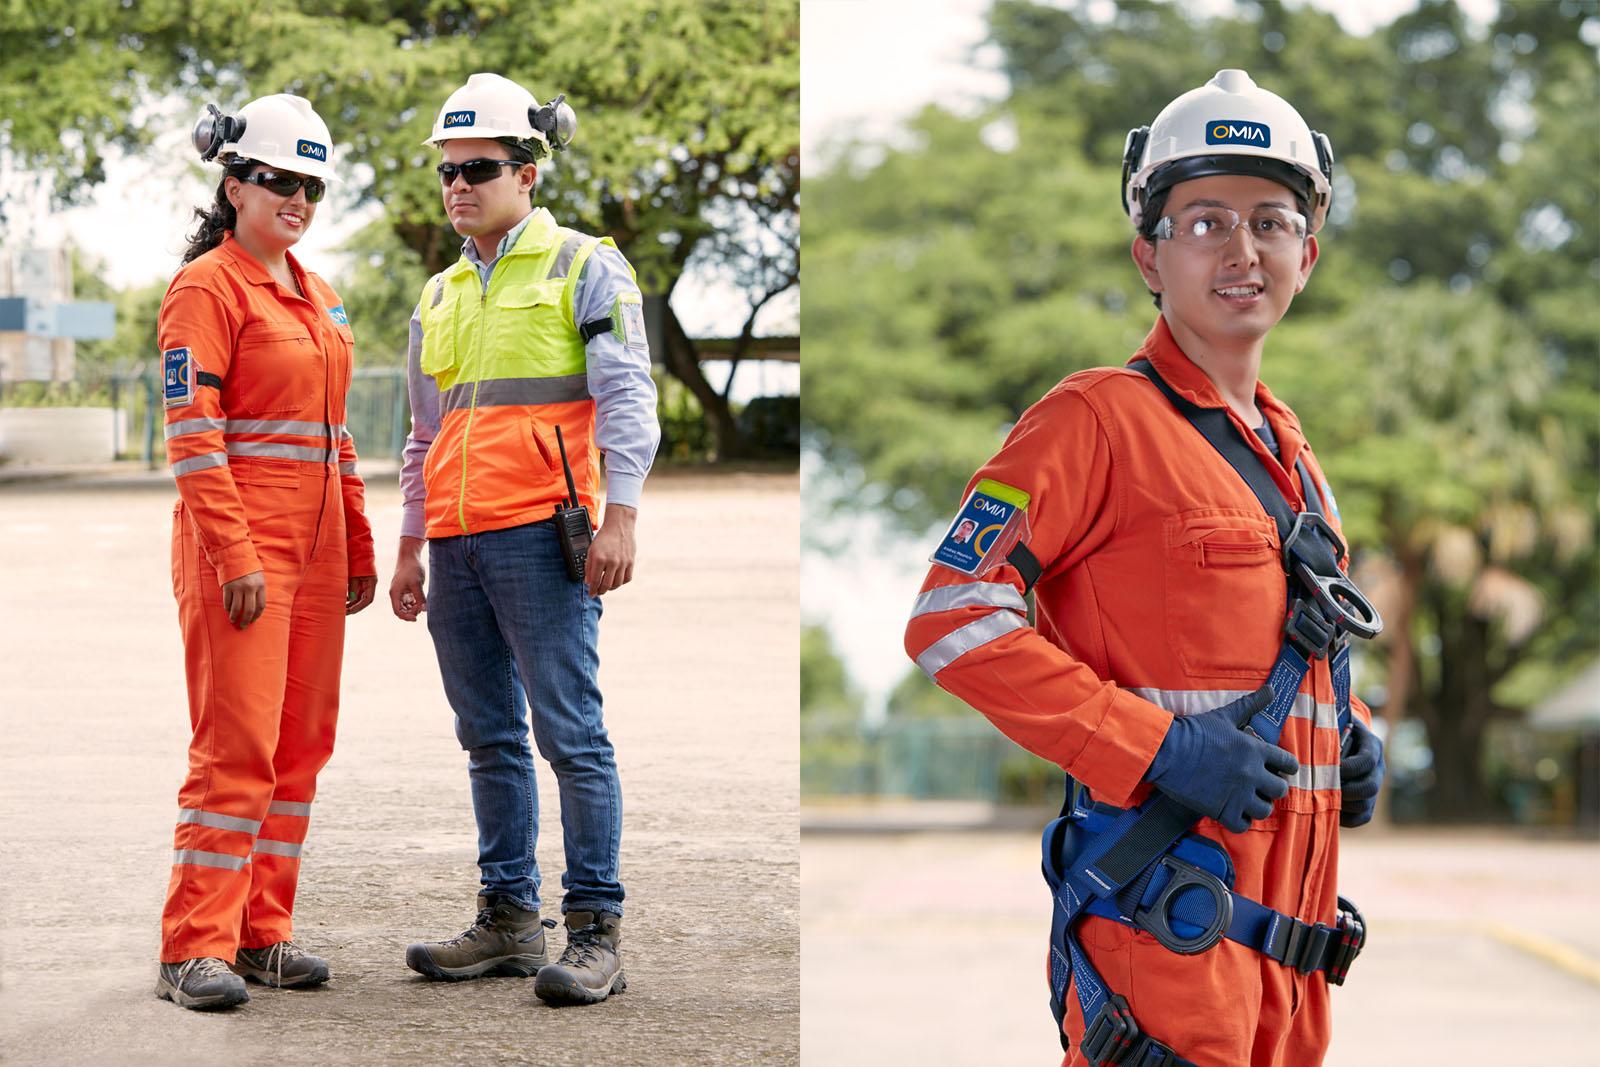 OMIA Colombia - Operacion y mantenimiento integral de activos de la Industria de Petroleos